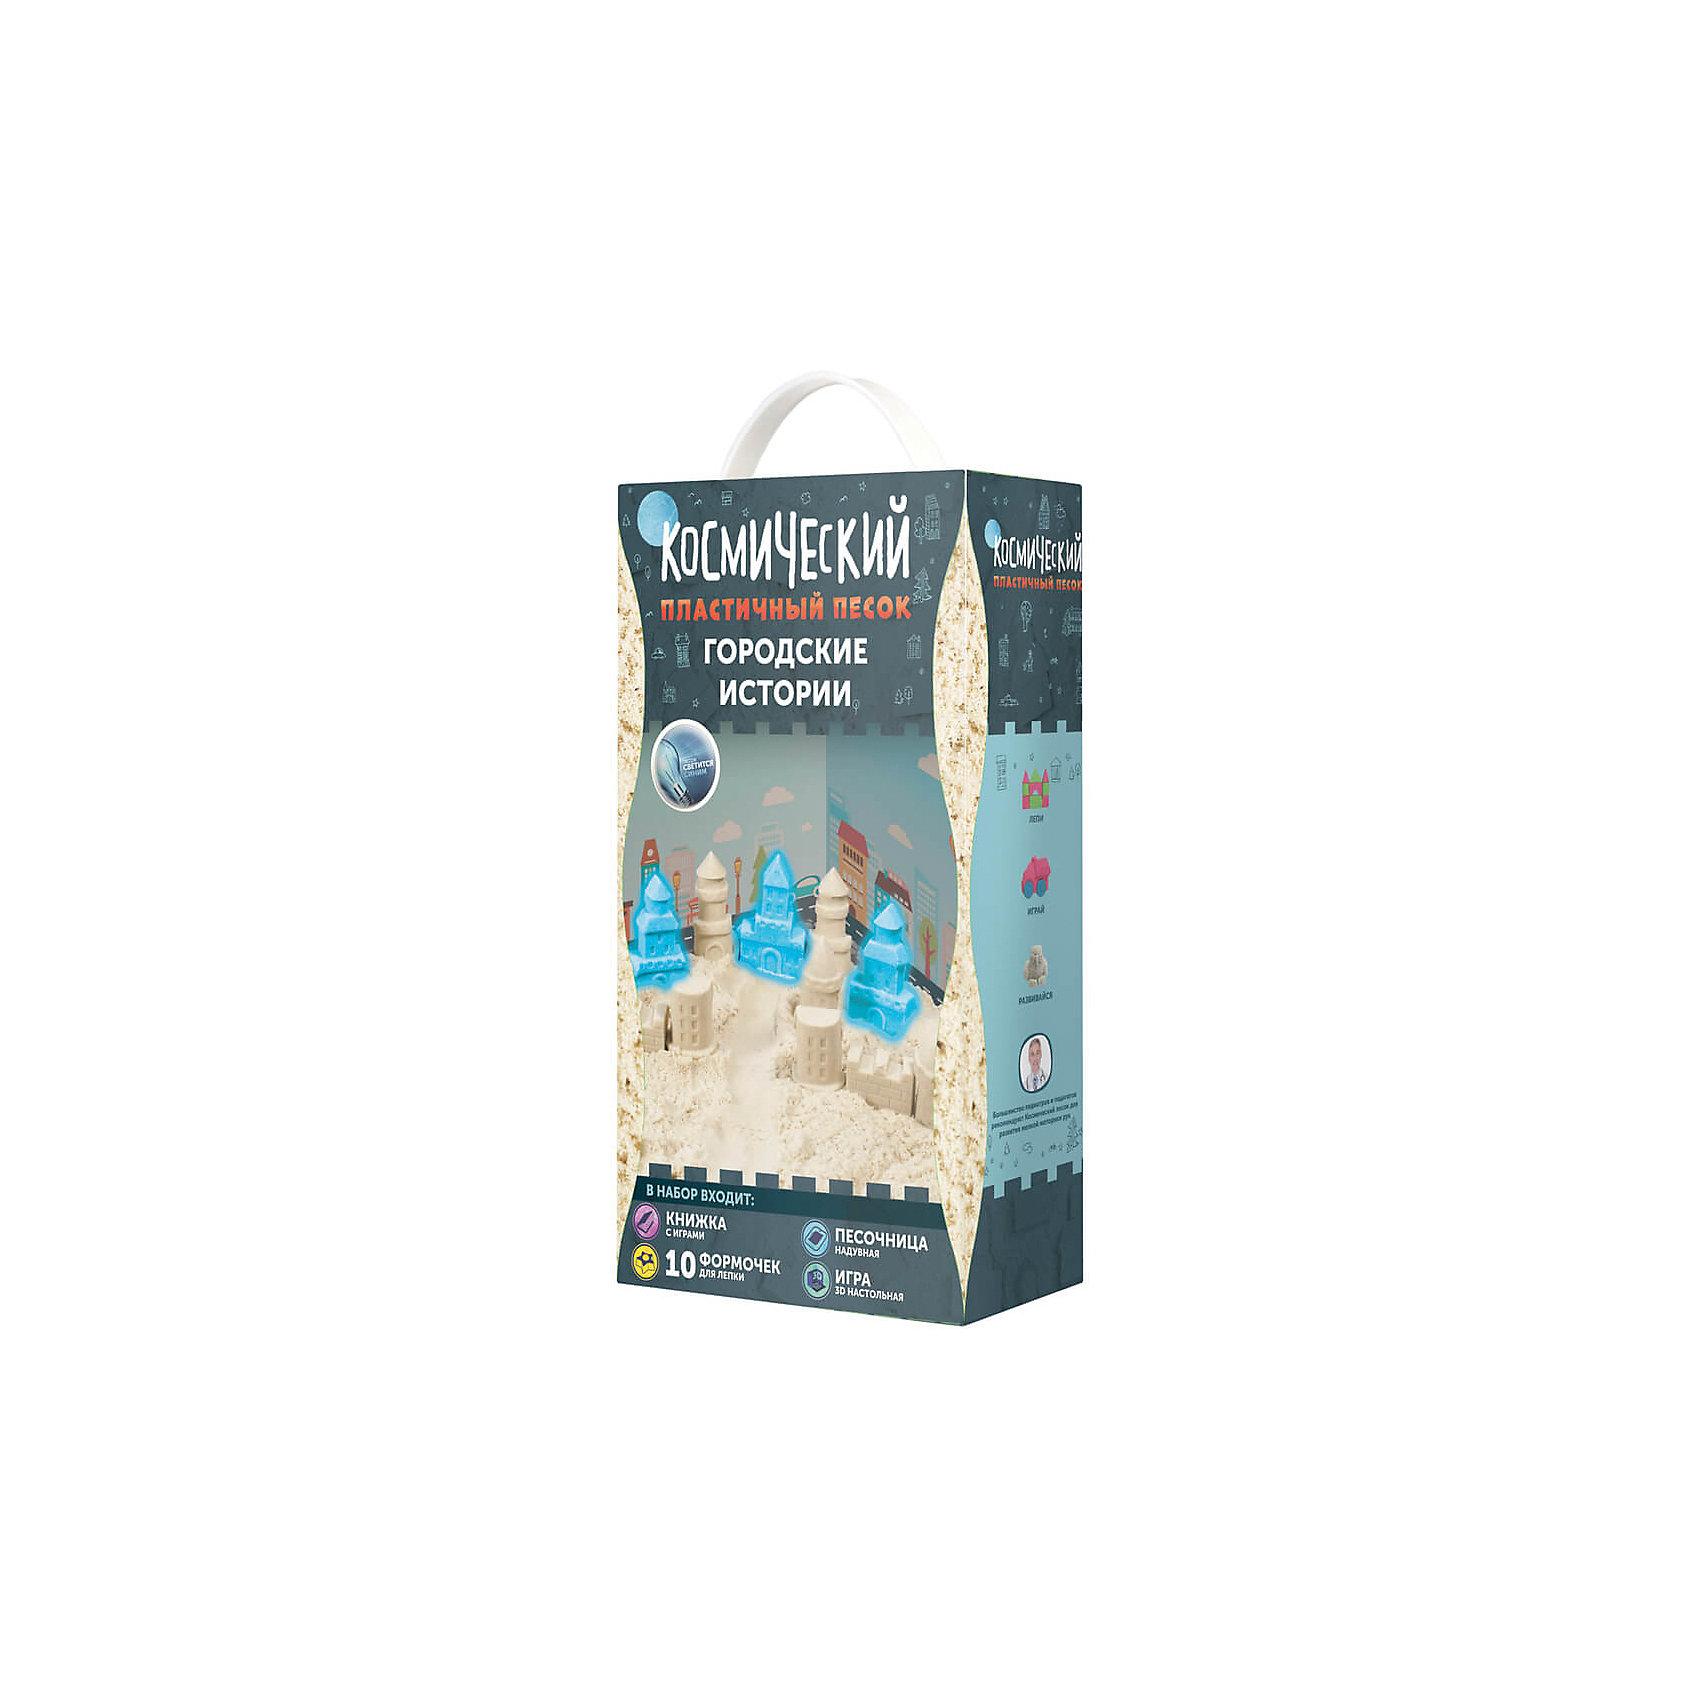 Набор Городские истории 2 кг, Космический песокКинетический песок<br>Характеристики товара:<br><br>• цвет: разноцветный<br>• размер упаковки: 16 x 30 x 8 см<br>• вес: 2500 г<br>• комплектация: большая надувная песочница, 2 кг песка розового цвета, 10 формочек для лепки, трехмерная настольная игра, книжка с развивающими играми и пошаговыми инструкциями<br>• песок светится в темноте<br>• подходит для игр дома<br>• возраст: от двух лет<br>• упаковка: коробка<br>• страна бренда: РФ<br>• страна изготовитель: РФ<br><br>Такой набор станет отличным подарком ребенку - ведь с помощью кинетического песка можно создавать фигуры легко и весело! В набор входят целых два килограмма песка и набор для игры с ним дома. Песок легко принимает нужную форму и так же легко распадается на песчинки. Играть можно бесконечно! Песок легко собирается, не красится и оставляет пятен на одежде.<br>Детям очень нравится что-то делать своими руками. Кроме того, творчество помогает детям развивать важные навыки и способности, оно активизирует мышление, формирует усидчивость, творческие способности, мелкую моторику и воображение. Изделие производится из качественных и проверенных материалов, которые безопасны для детей.<br><br>Набор Городские истории 2 кг, от бренда Космический песок можно купить в нашем интернет-магазине.<br><br>Ширина мм: 160<br>Глубина мм: 85<br>Высота мм: 300<br>Вес г: 2500<br>Возраст от месяцев: 36<br>Возраст до месяцев: 84<br>Пол: Унисекс<br>Возраст: Детский<br>SKU: 5168932